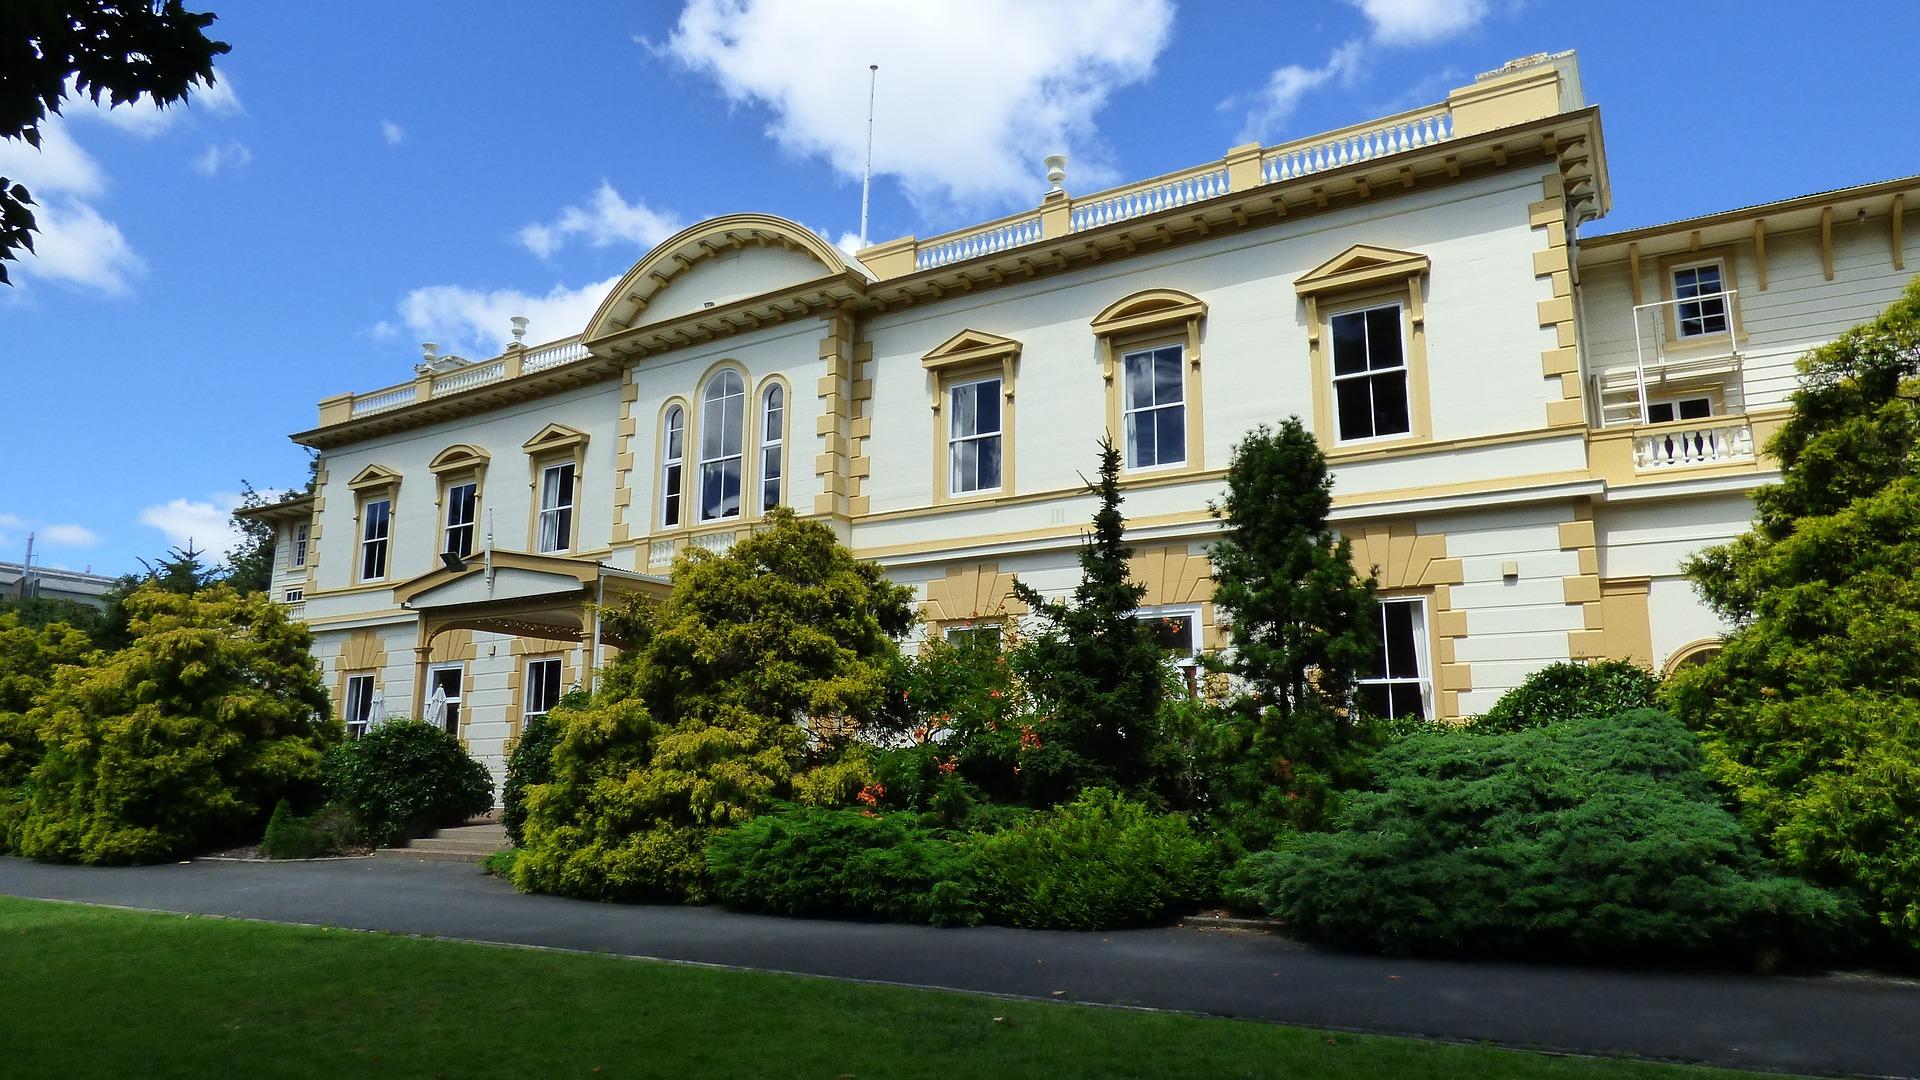 El Times Higher Education ha lanzado un nuevo ranking que evalúa a las universidades en relación con los Objetivos de Desarrollo Sostenible de la ONU. - Foto: Universidad de Auckland / Arvid Olson de Pixabay.